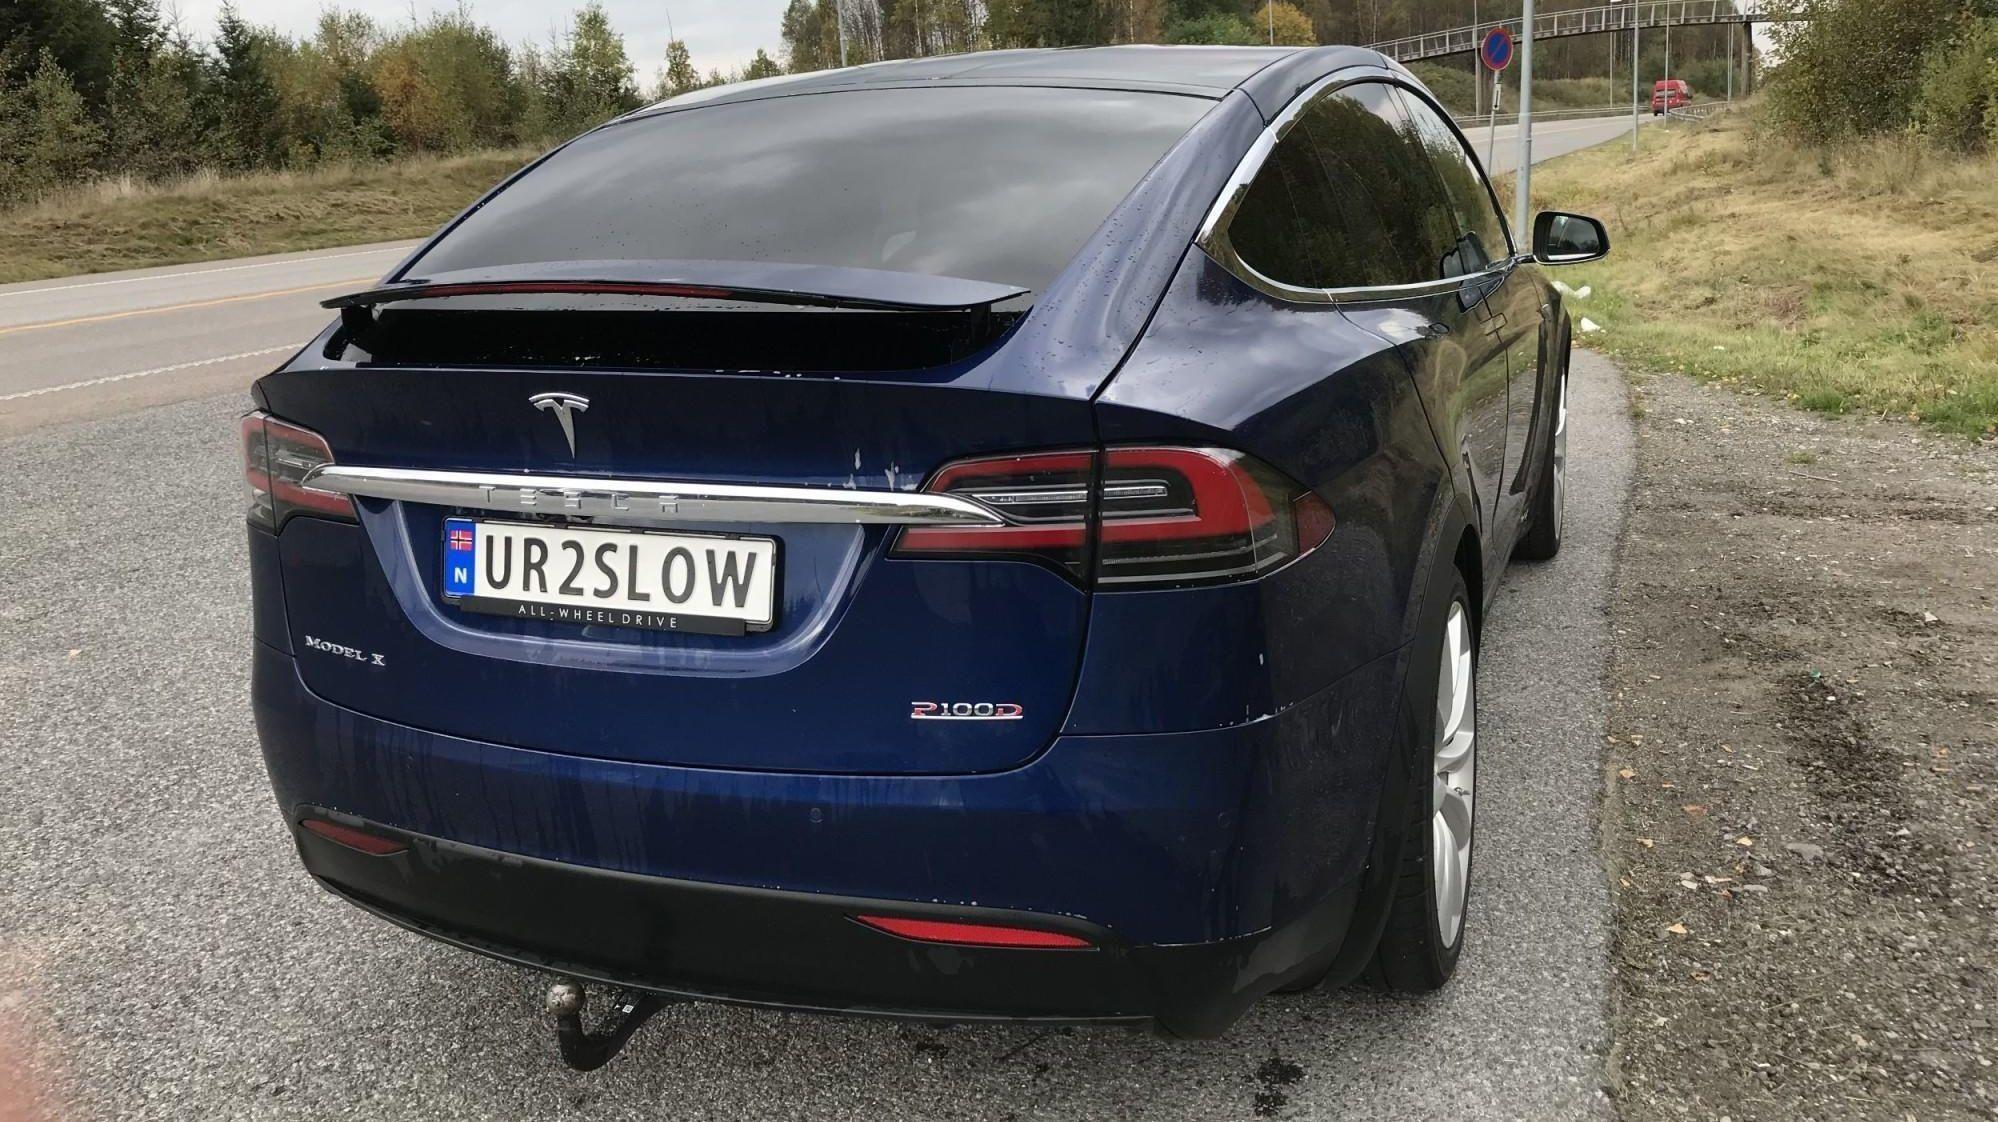 Tesla Model X P100D er en av verdens raskest akselererende biler. Eier Pål Henrik Thorkildsen (43) har valgt skiltene sine med teksten UR2SLOW fordi han synes det er morsomt, og fordi bilen er veldig rask ...